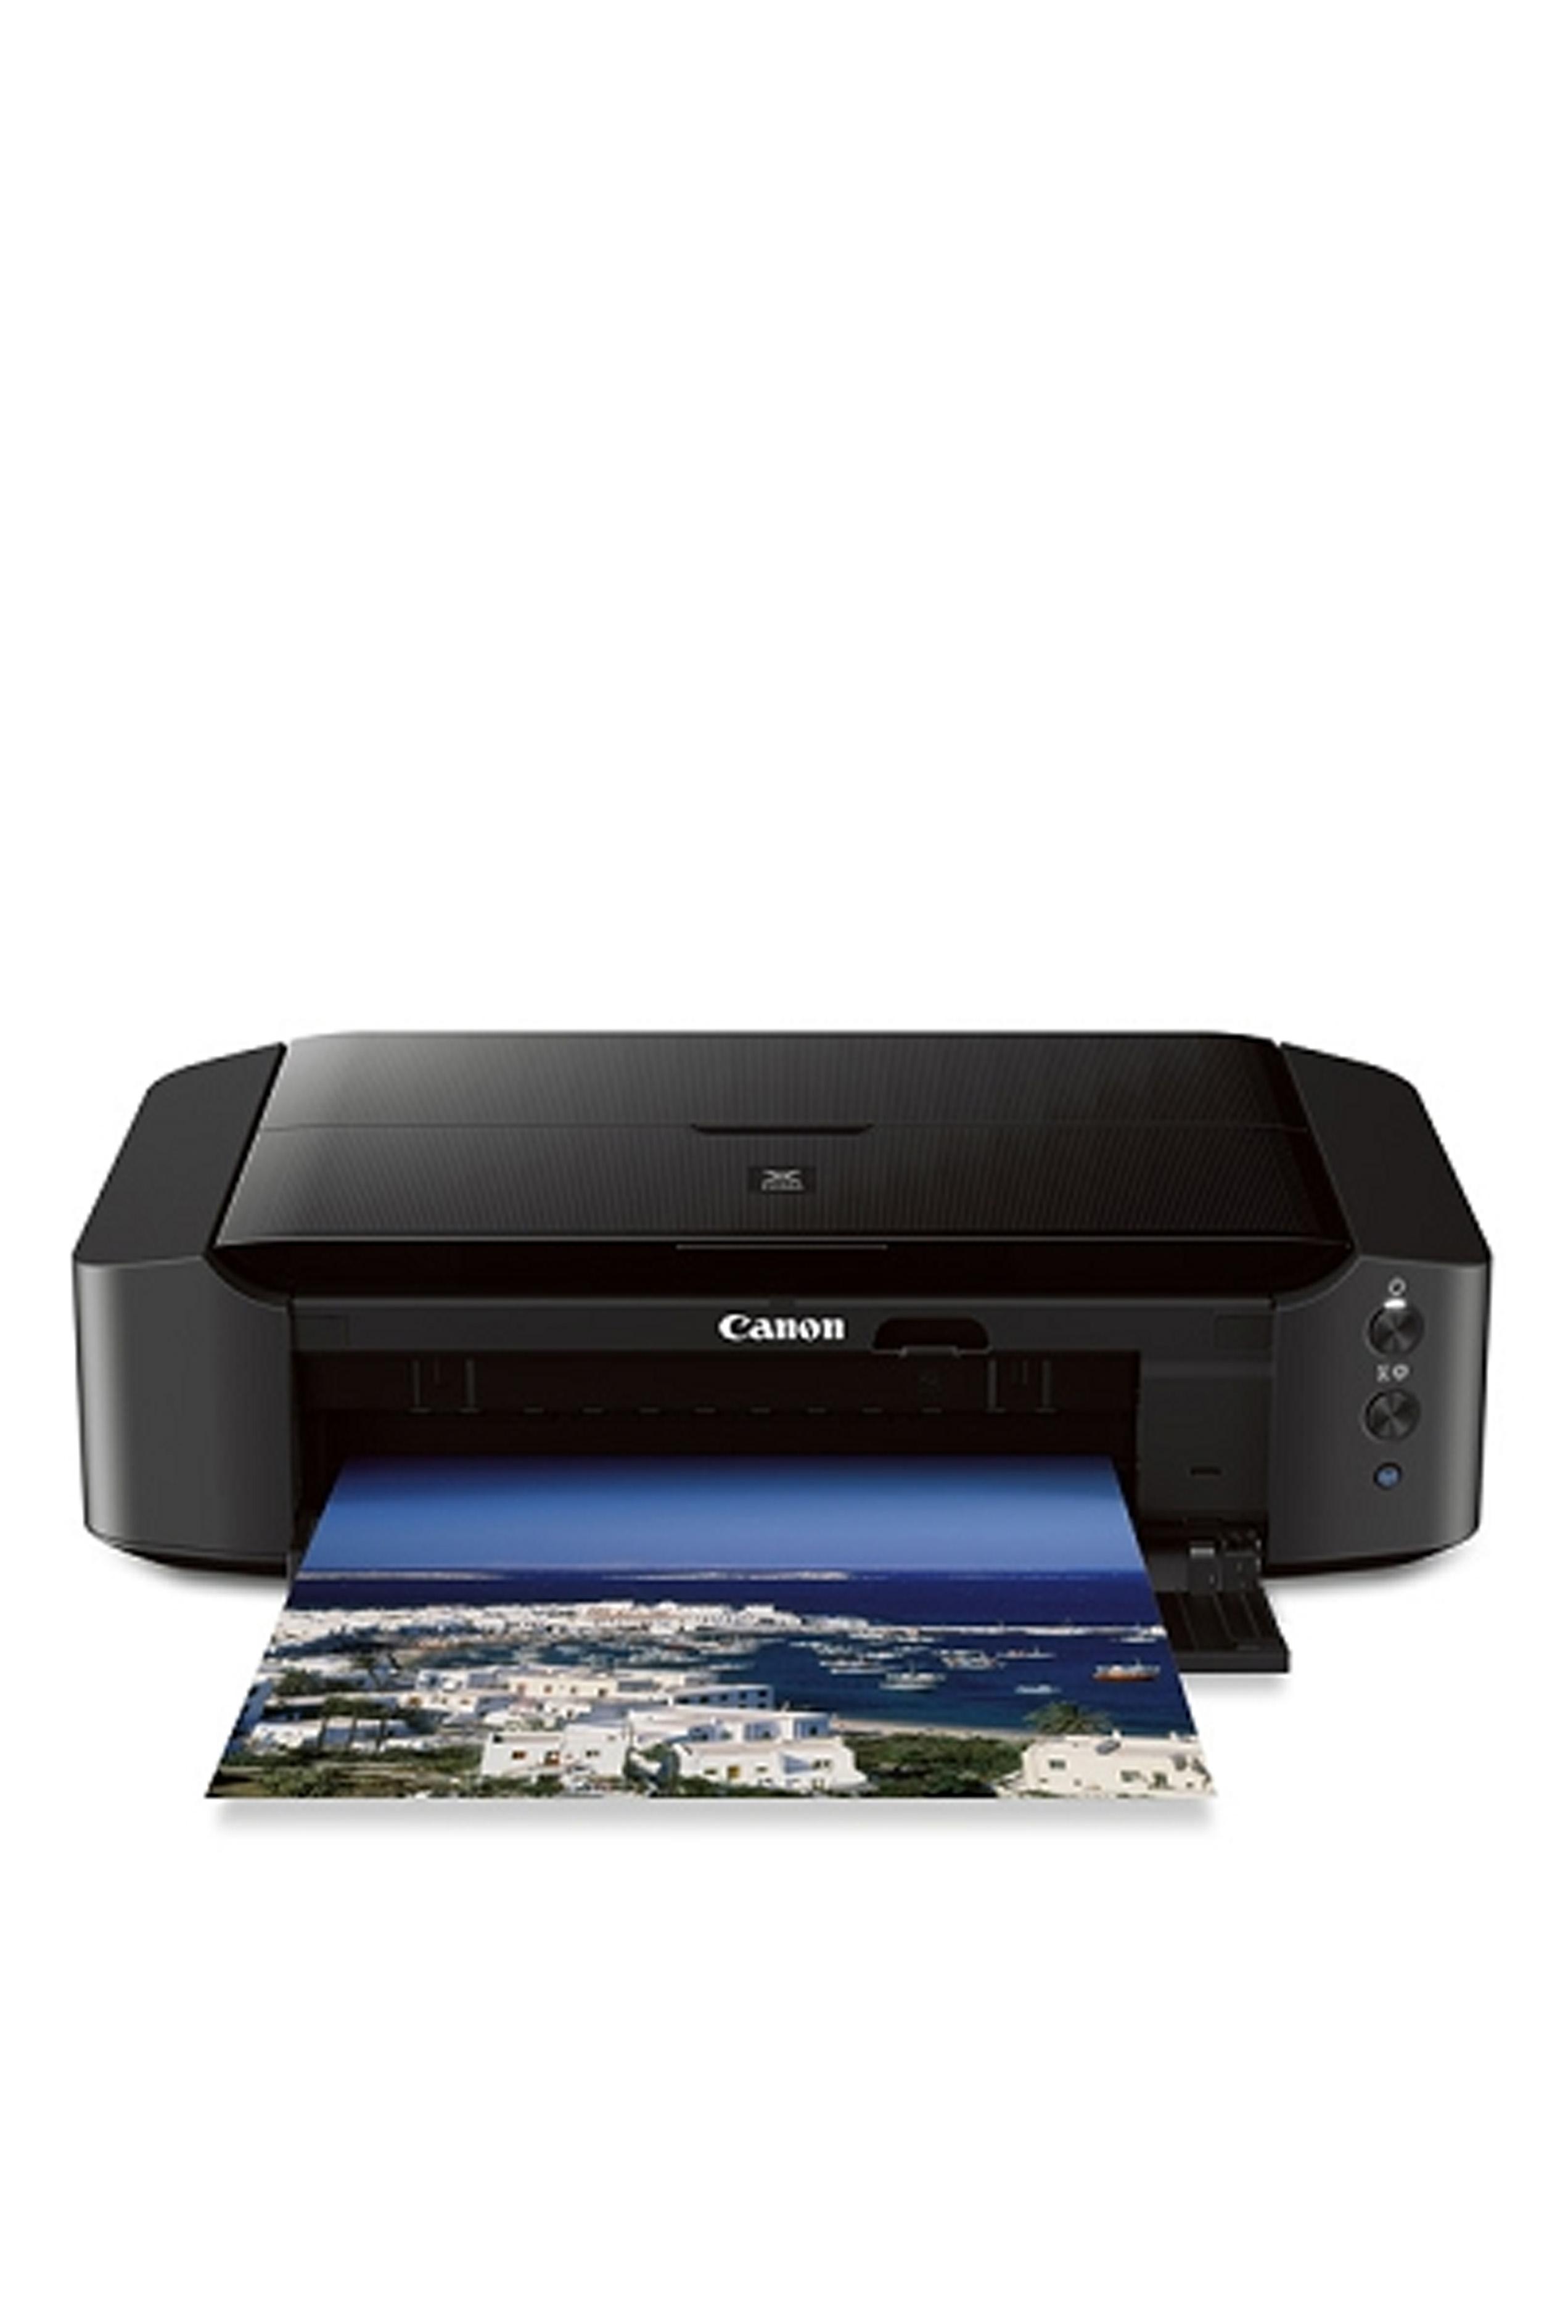 Canon PIXMA IP8720 (14.5ipm/10.5ipm)